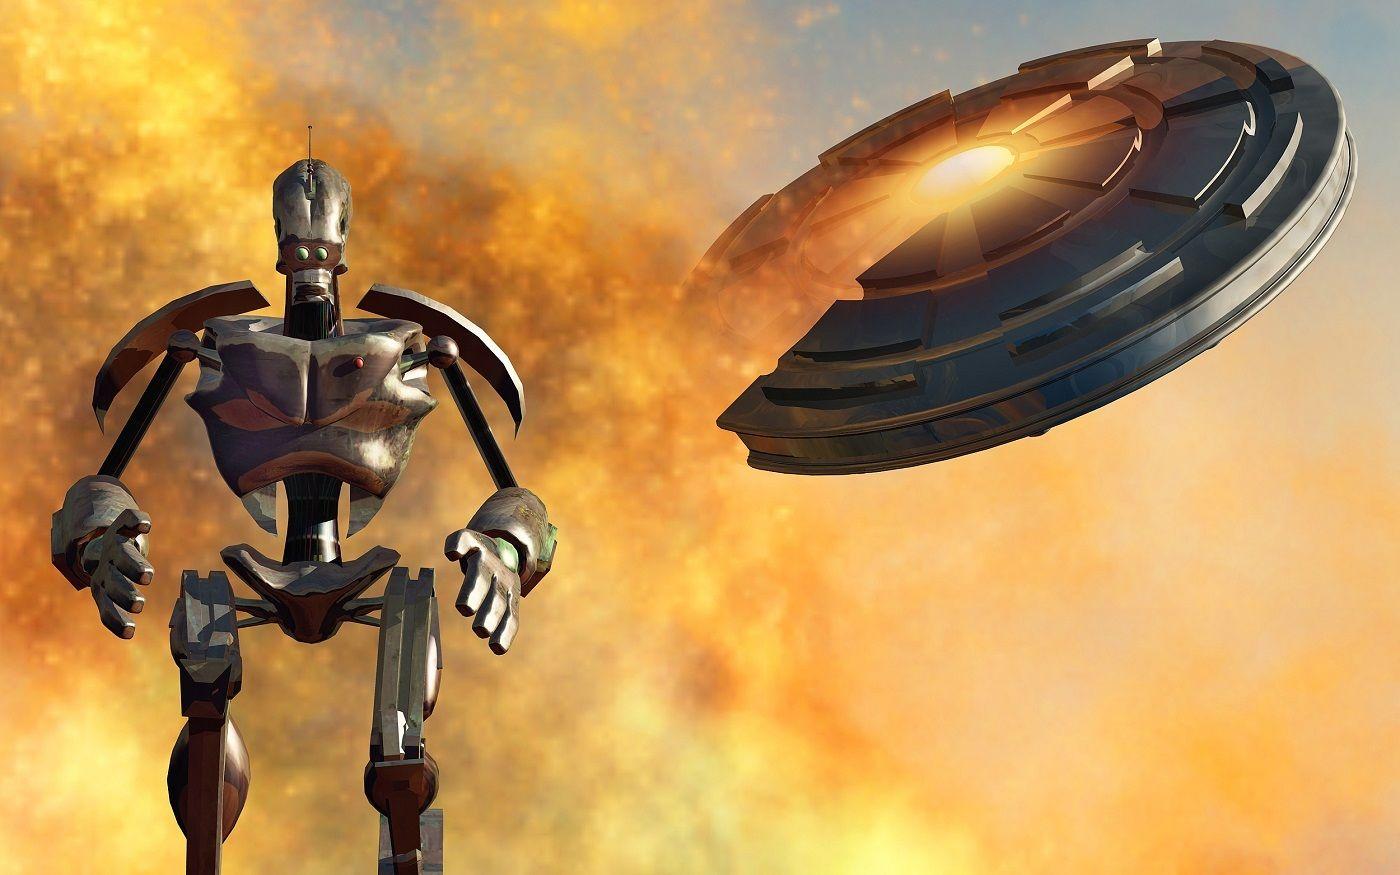 马斯克带头呼吁禁止「杀人机器」,他们在恐惧什么?